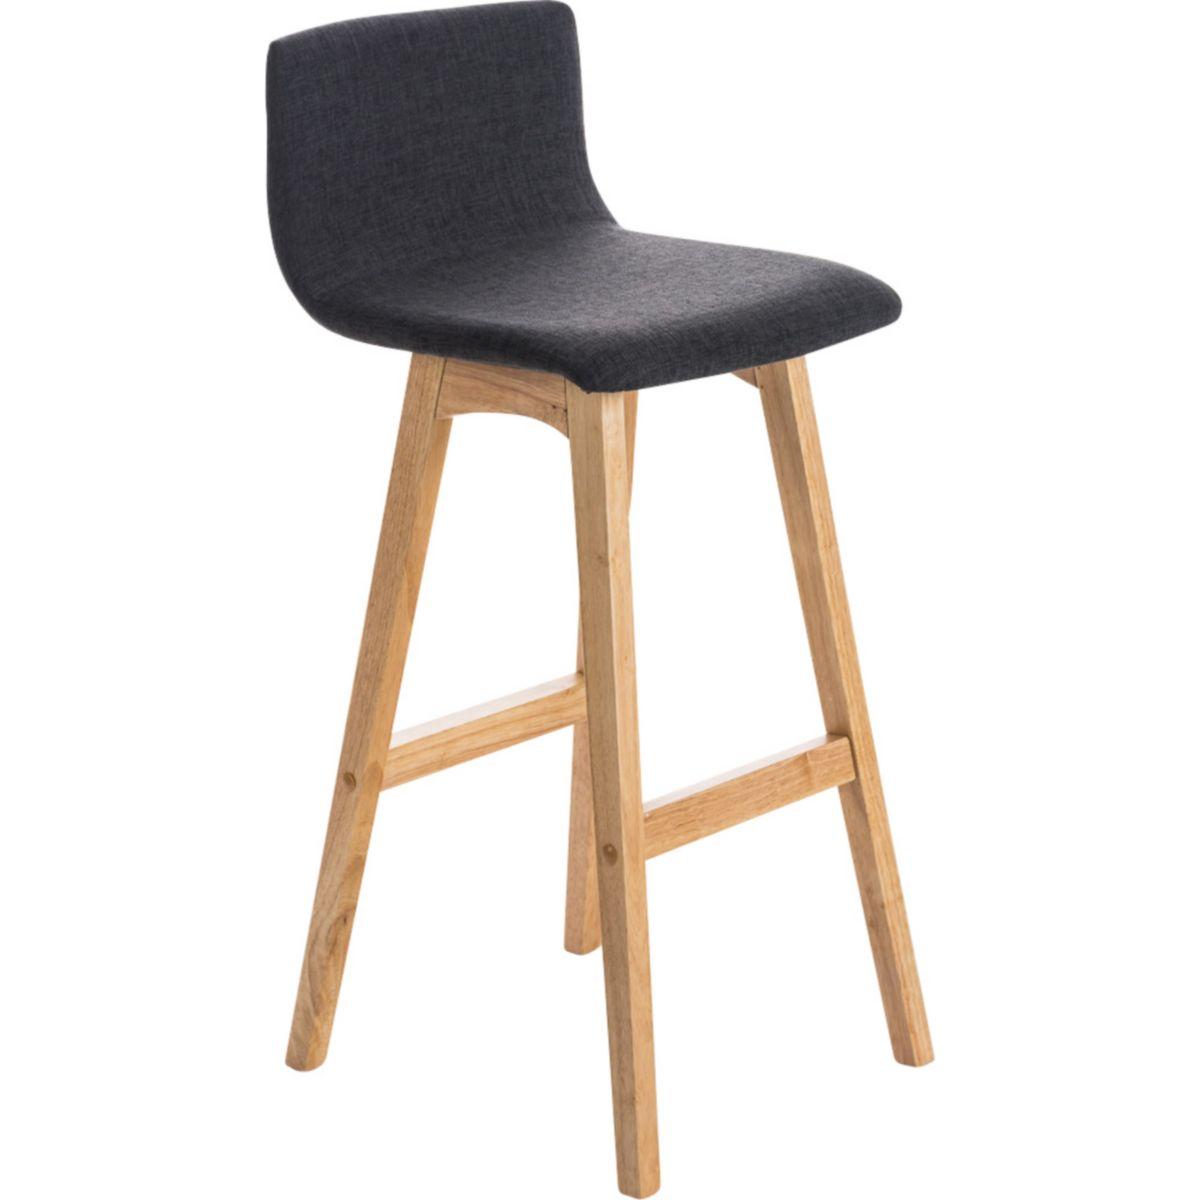 CLP Barhocker TAUNUS mit Stoffbezug und hochwertiger Polsterung | Tresenhocker einer Sitzhöhe von 72 cm Thekenhocker Rückenlehne Fußstütze jetztbilligerkaufen